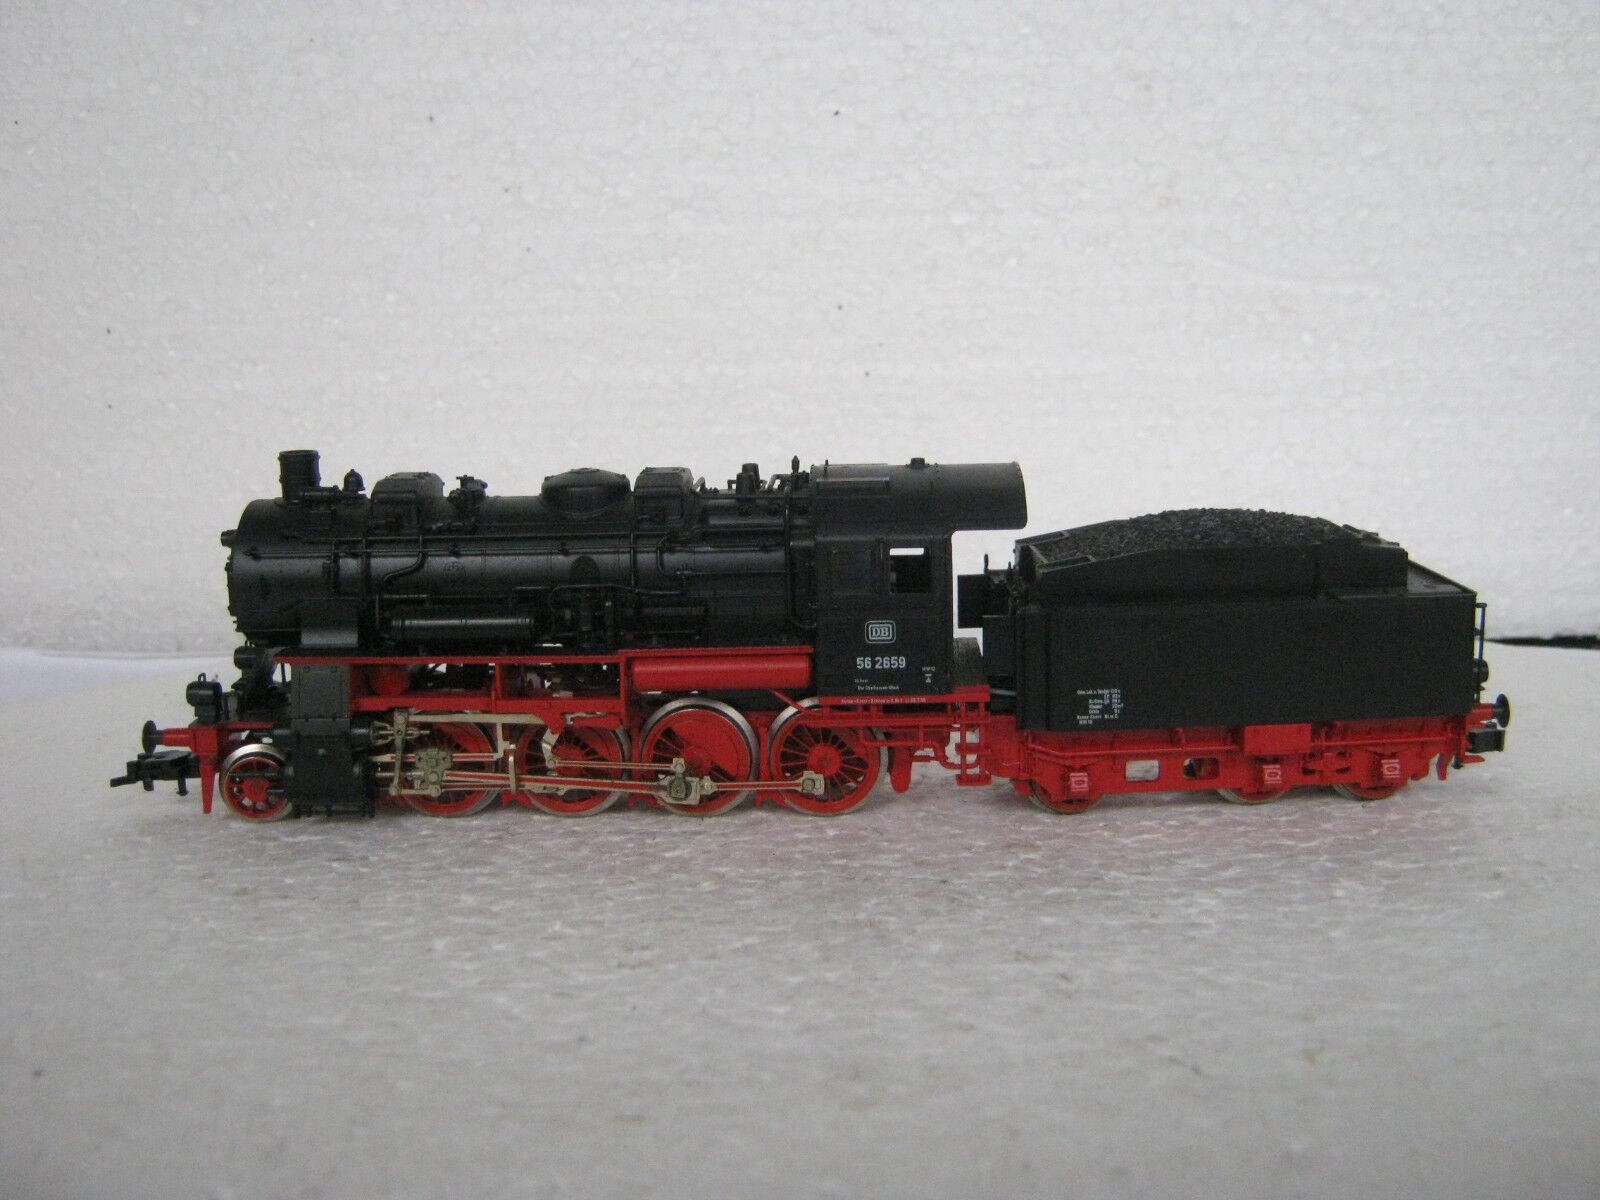 Digital Fleischmann Fleischmann Fleischmann ho/DC 4157 a vapore Lok 56 2659 DB  rg/cl/233-85s1/4  e32749